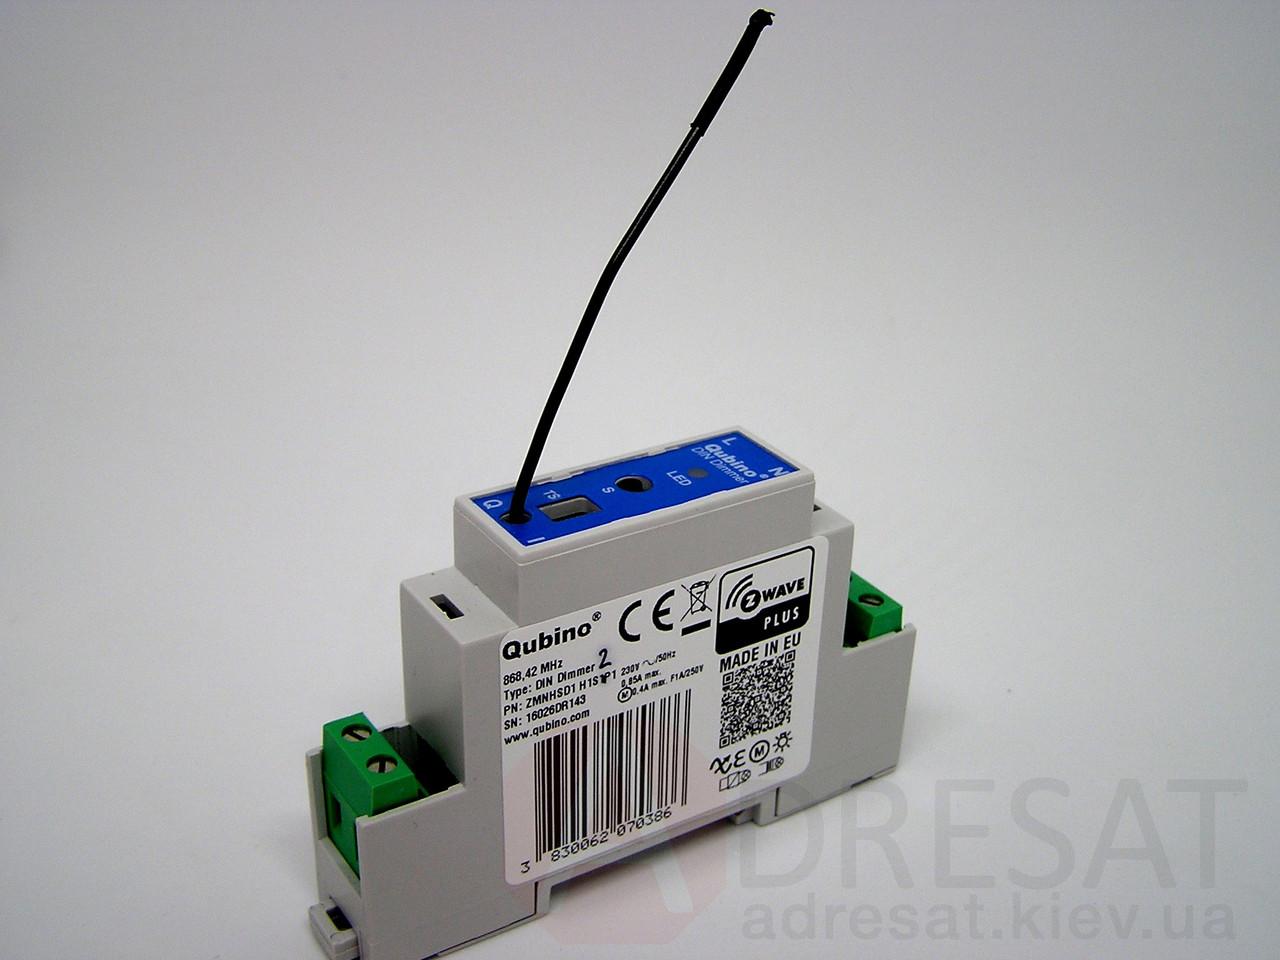 ZMNHSD1, QUBINO DIN Dimmer,  керований Z-Wave димер для встановлення на DIN- рейку